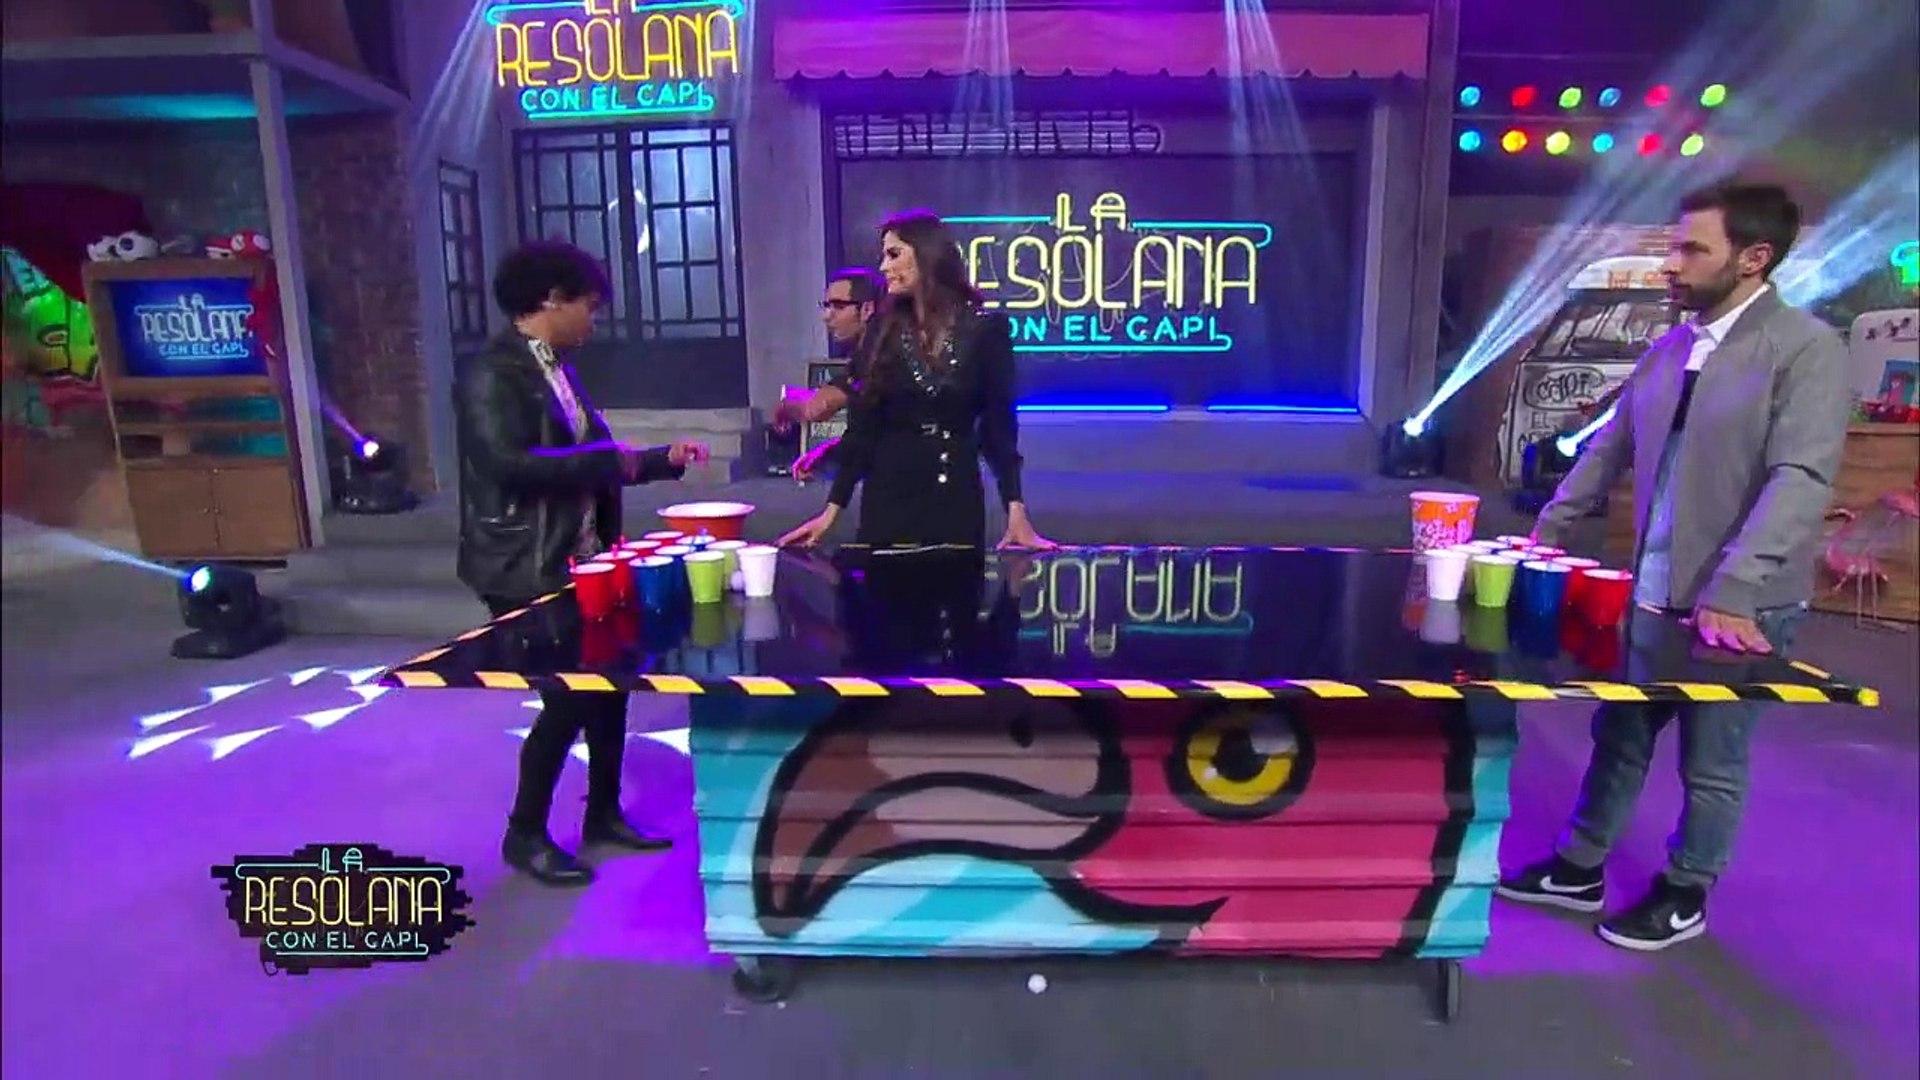 ¡El Capi nos confesó que ha dado un BESO A ALGUIEN DE SU MISMO SEXO en el Chela Pong!  | La Resolana